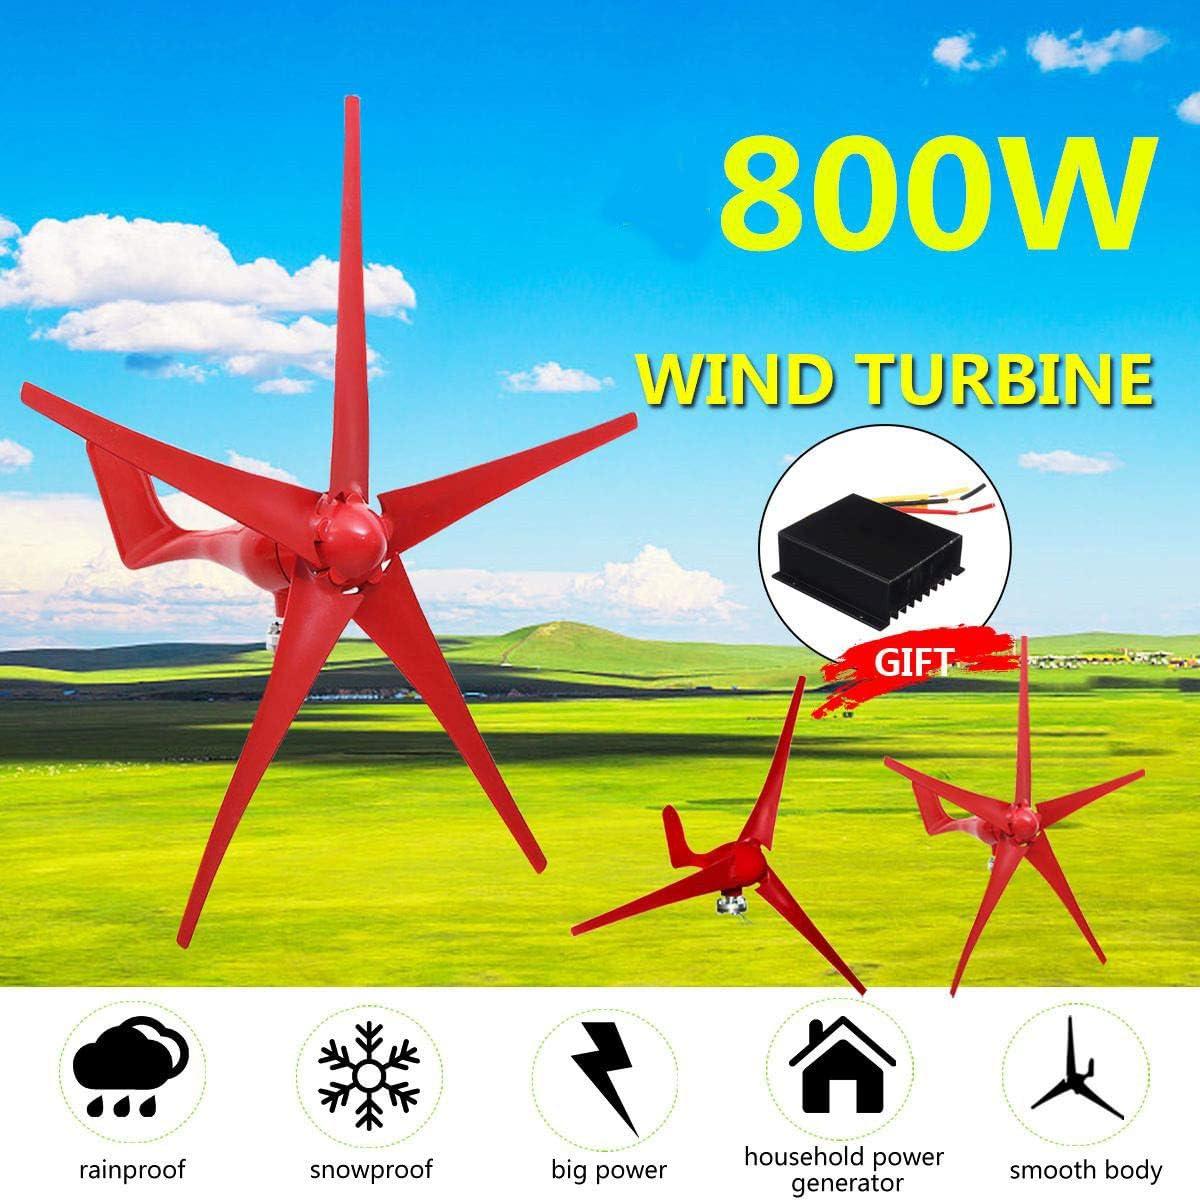 GW Las turbinas de Viento generador, 800W 5 Palas eólicas Opción generador de turbinas de 12V / 24V con el regulador del Viento para el hogar Camping Farola Accesorio de Montaje,12v: Amazon.es: